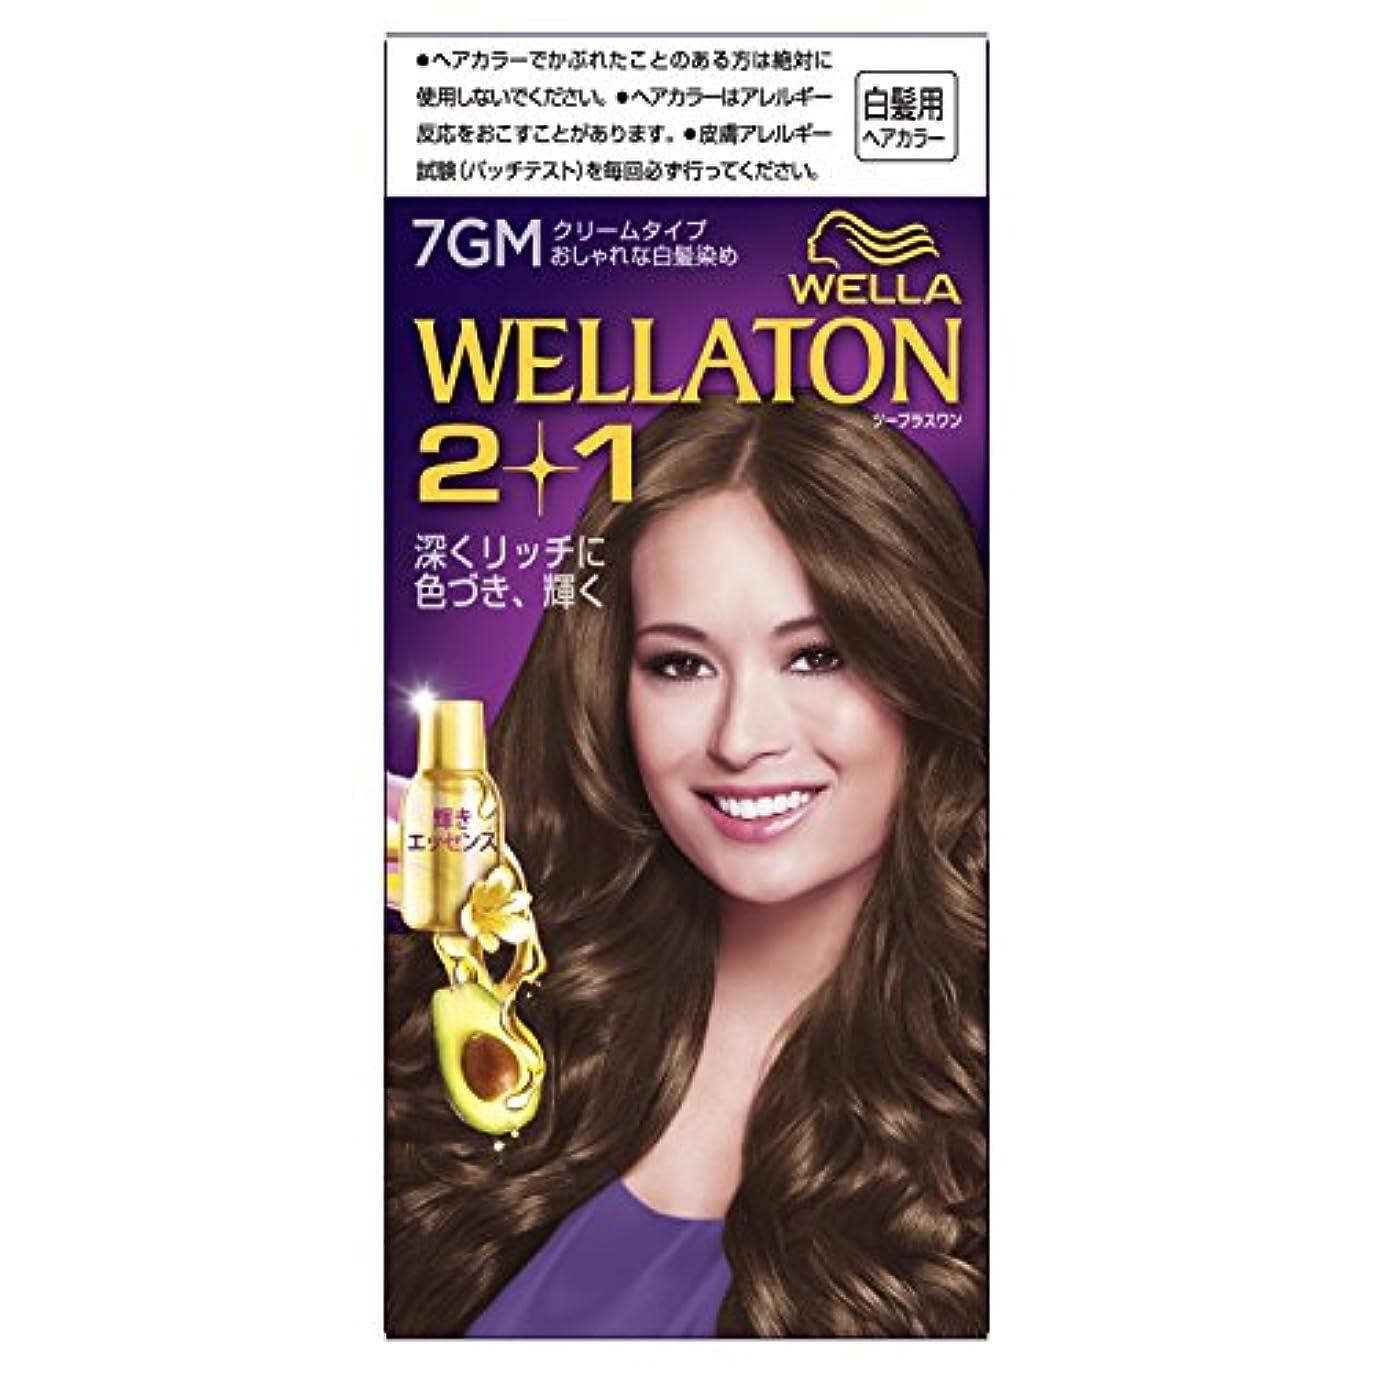 抽象補助金太陽ウエラトーン2+1 クリームタイプ 7GM [医薬部外品](おしゃれな白髪染め)